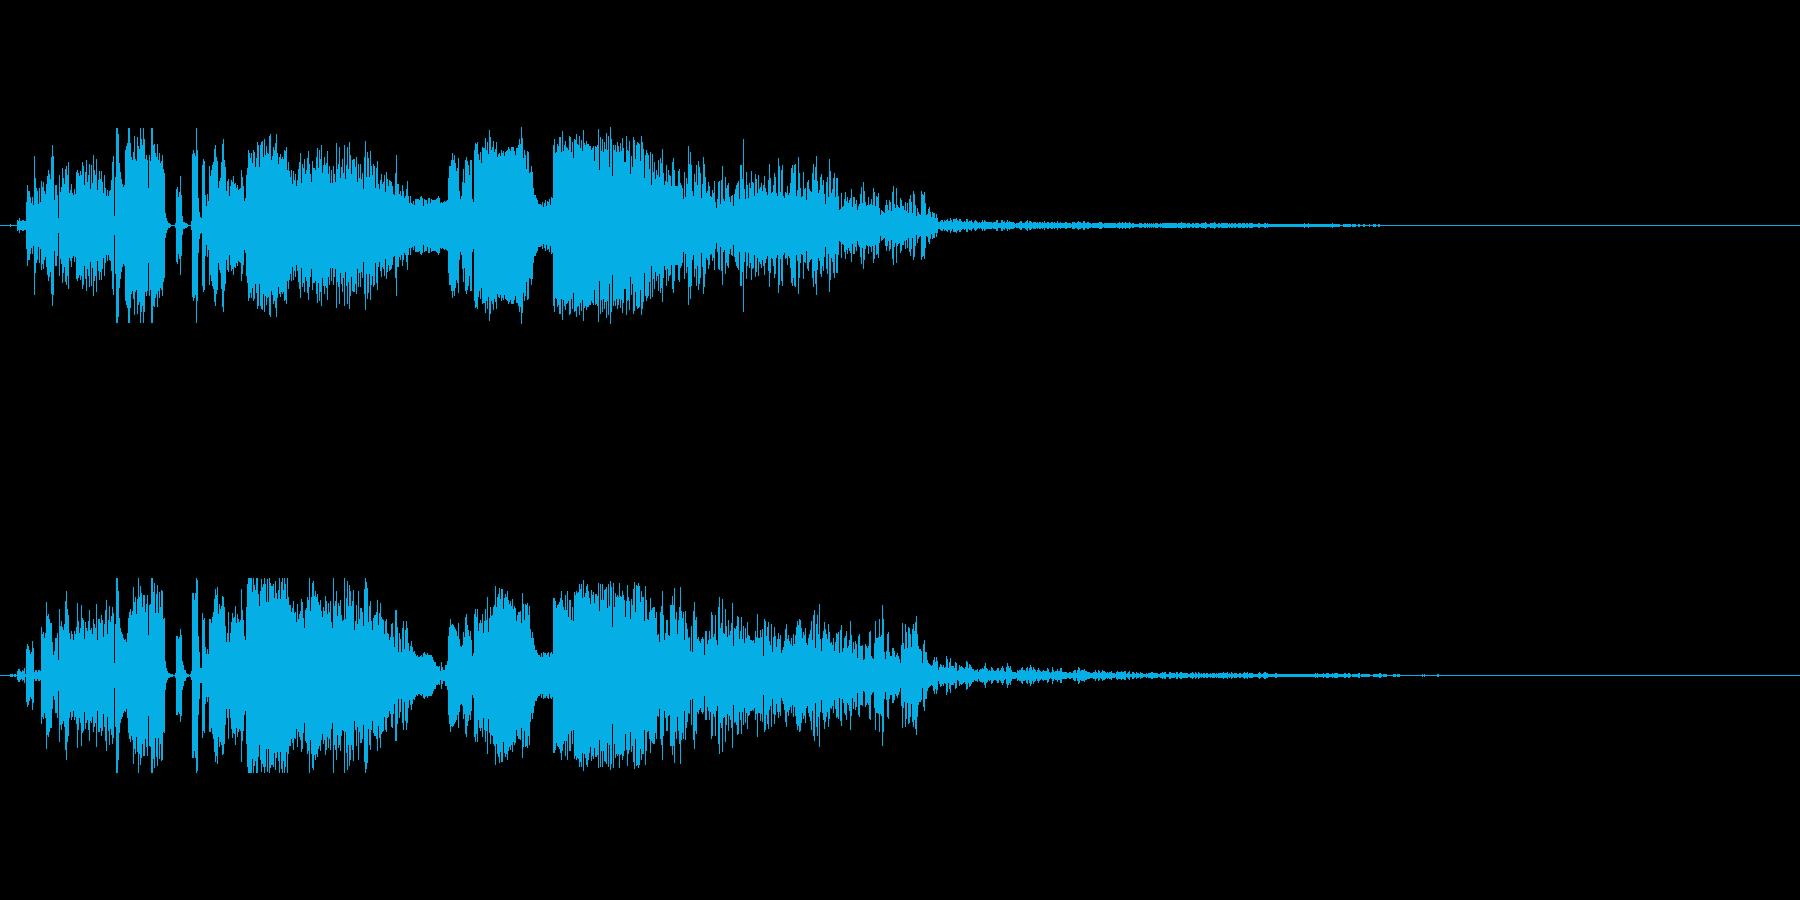 FMジングル DJドロップ の再生済みの波形